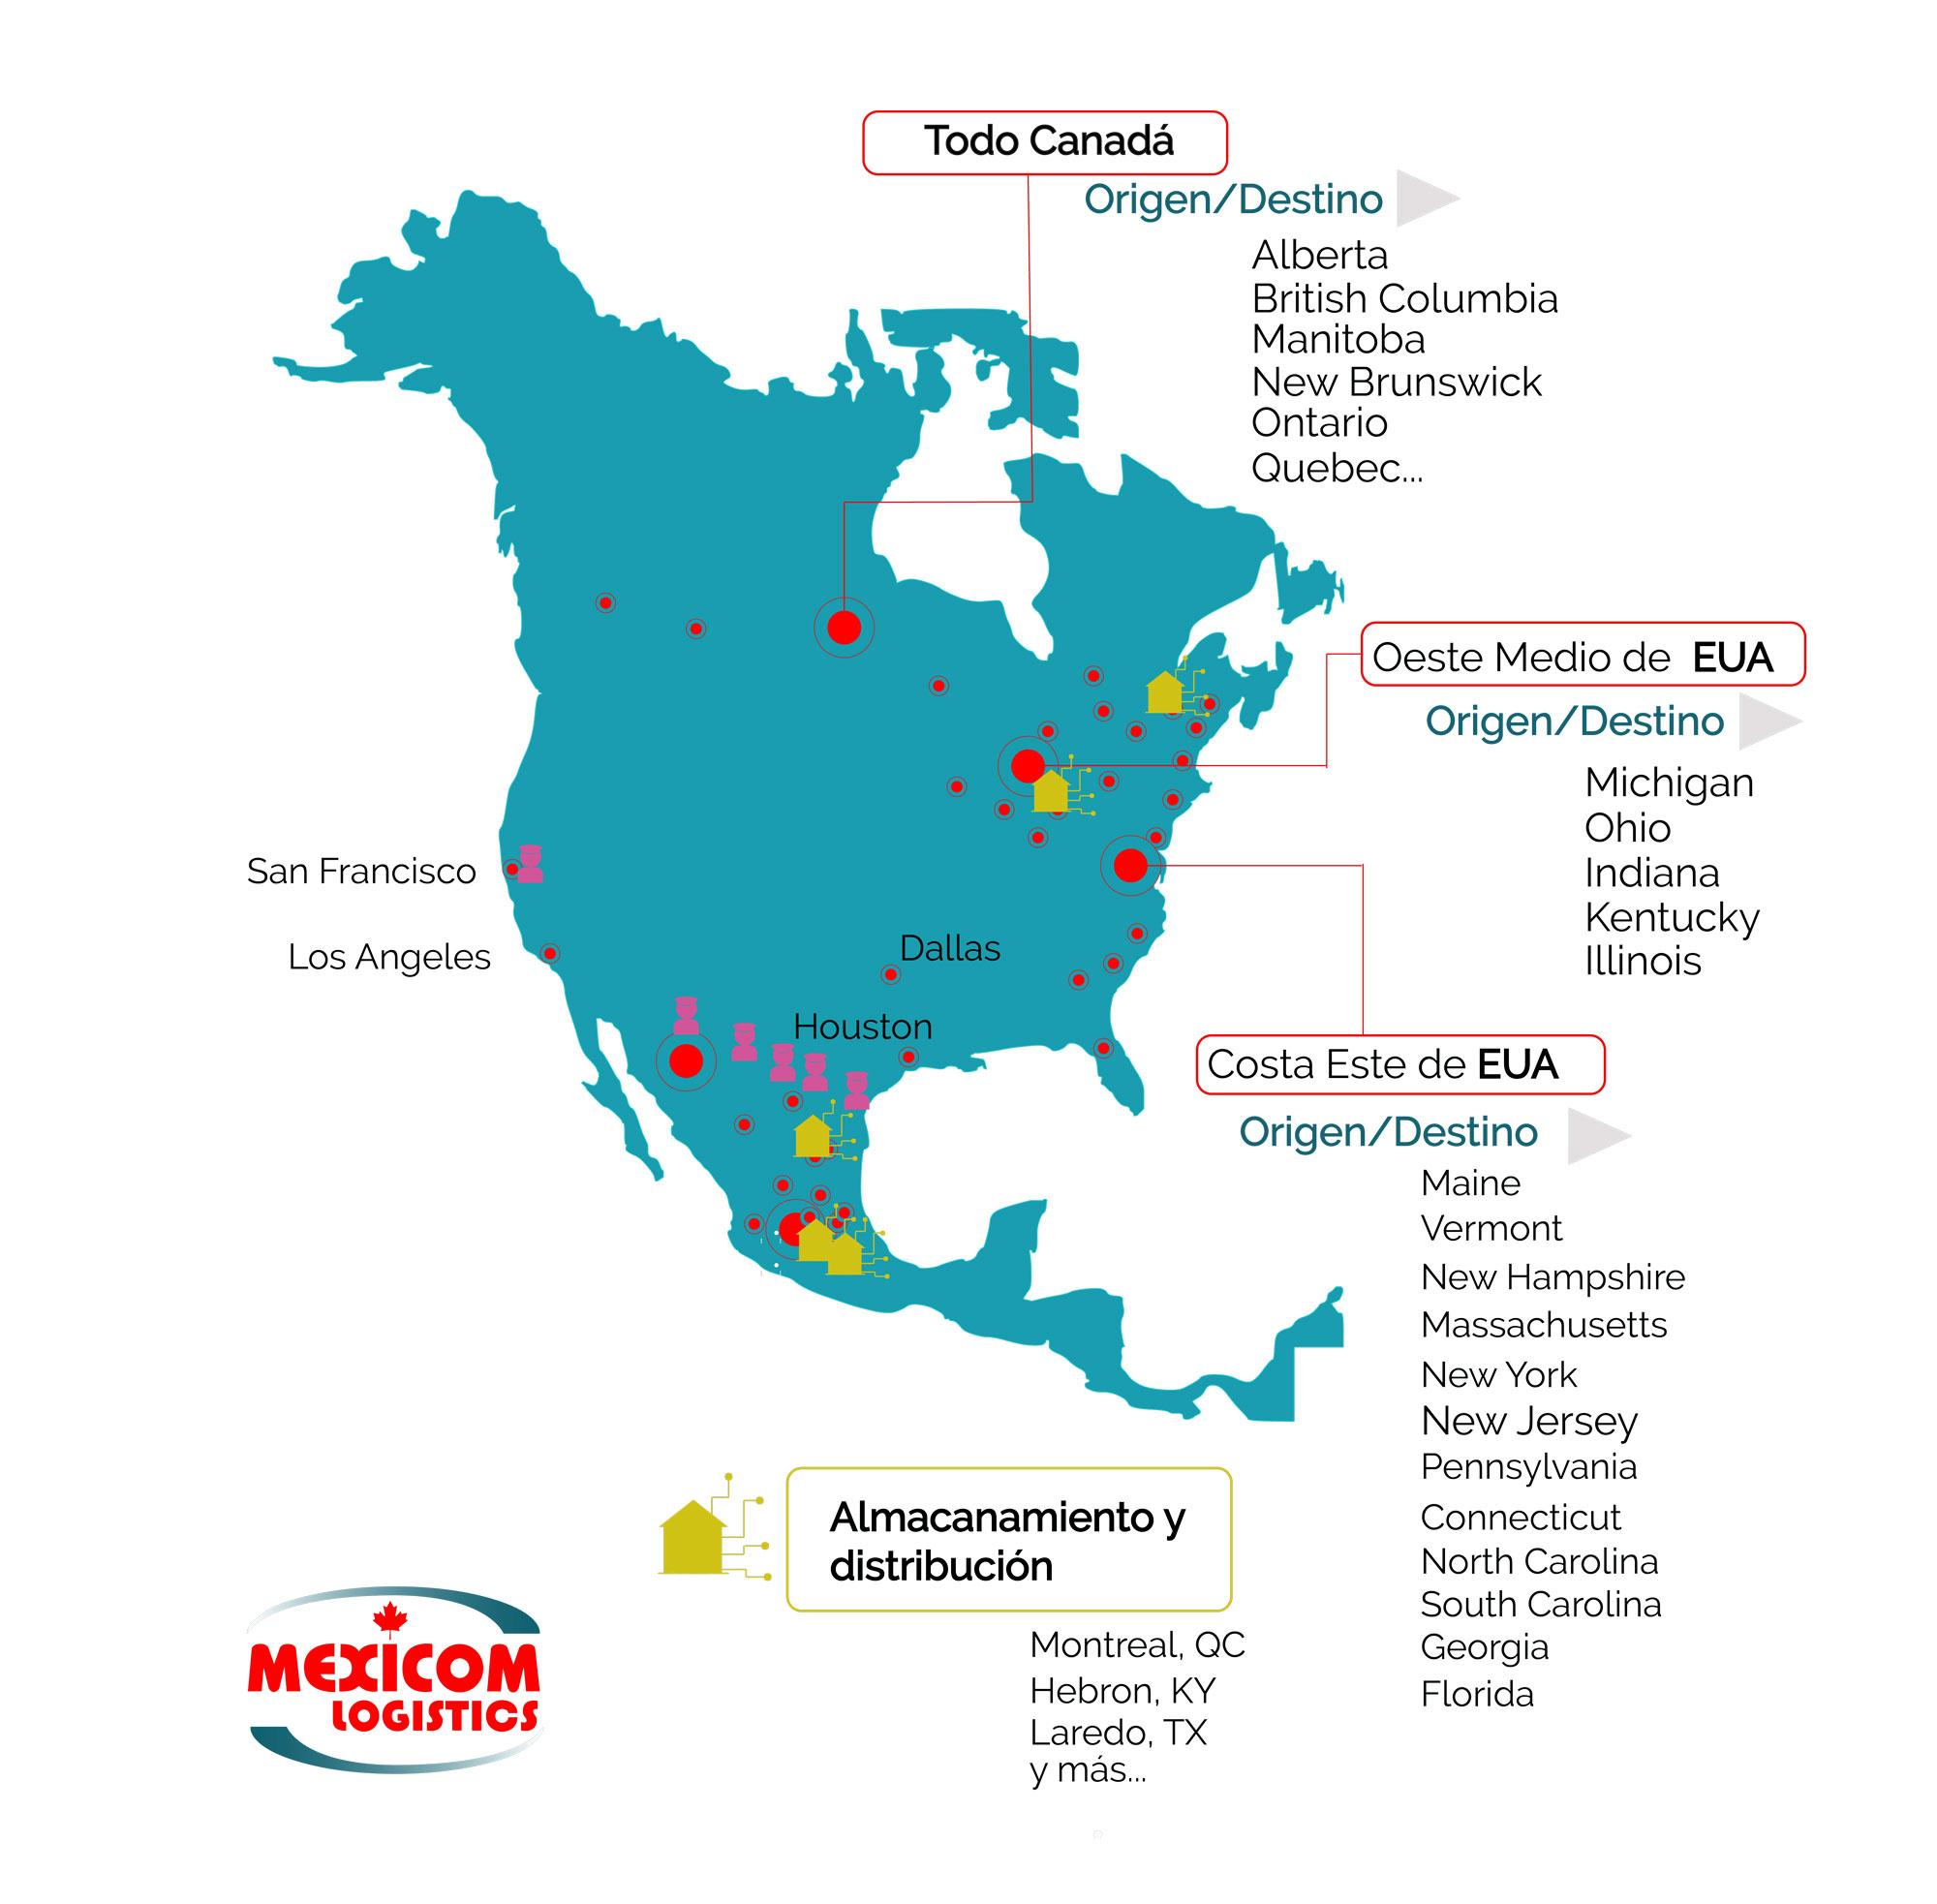 Servicios de transporte terrestre de carga entre principales puntos de Canadá y Estados Unidos